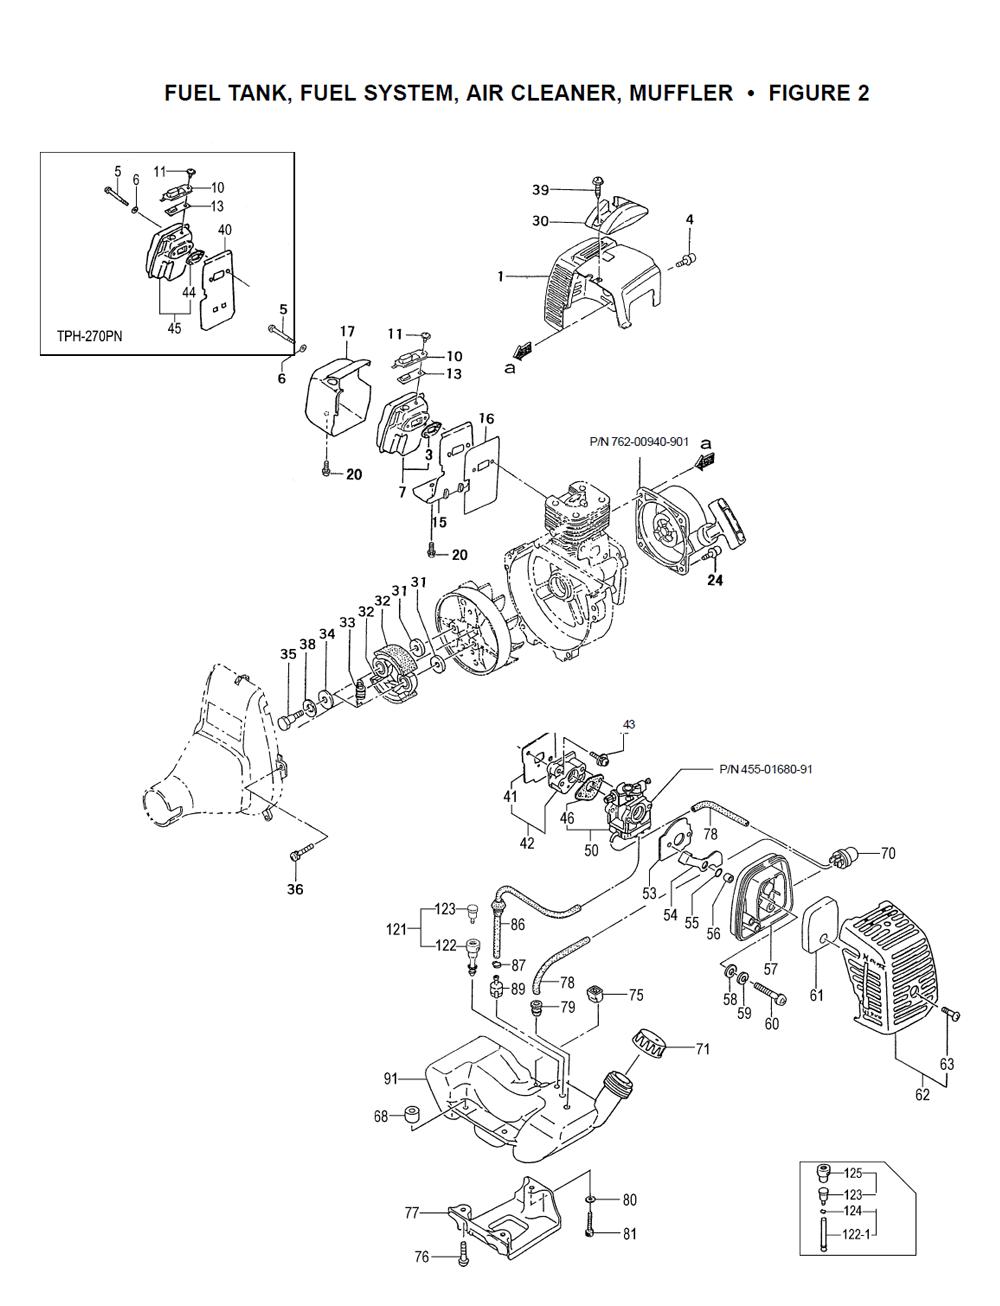 TPH-270PN-Tanaka-PB-1Break Down